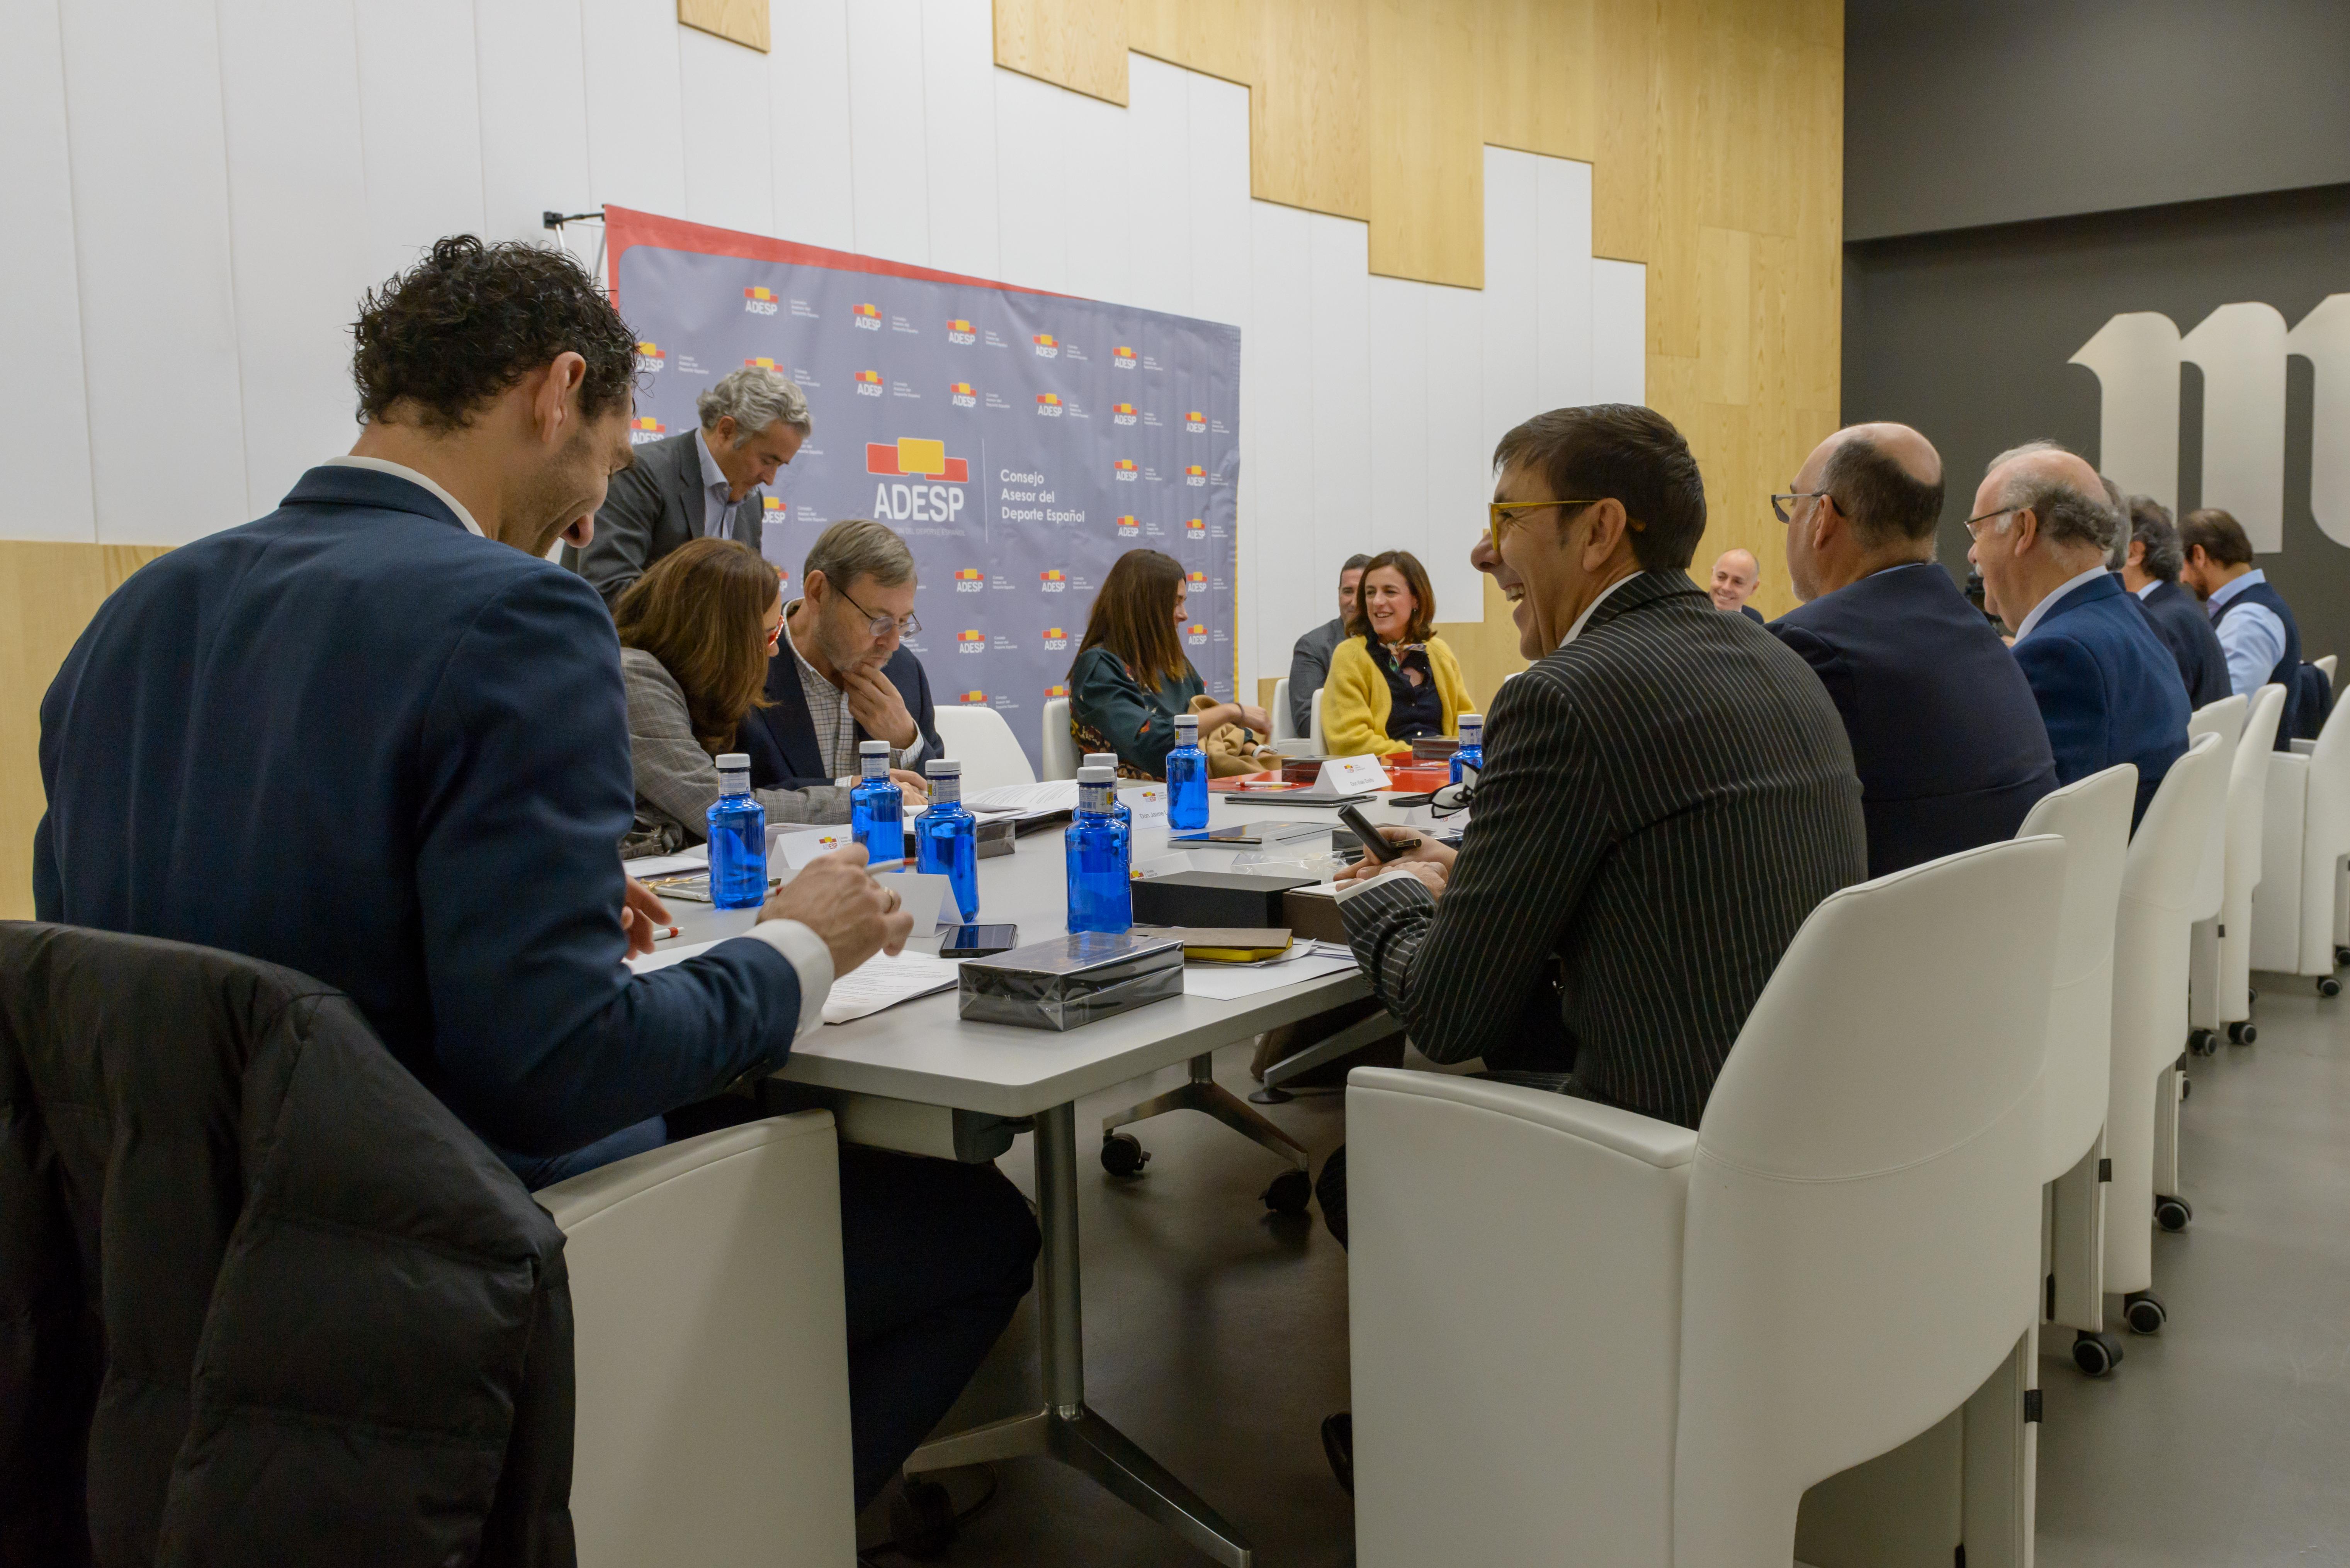 El Consejo Asesor del Deporte Español impulsa la primera ley de mecenazgo y patrocinio deportivo en España